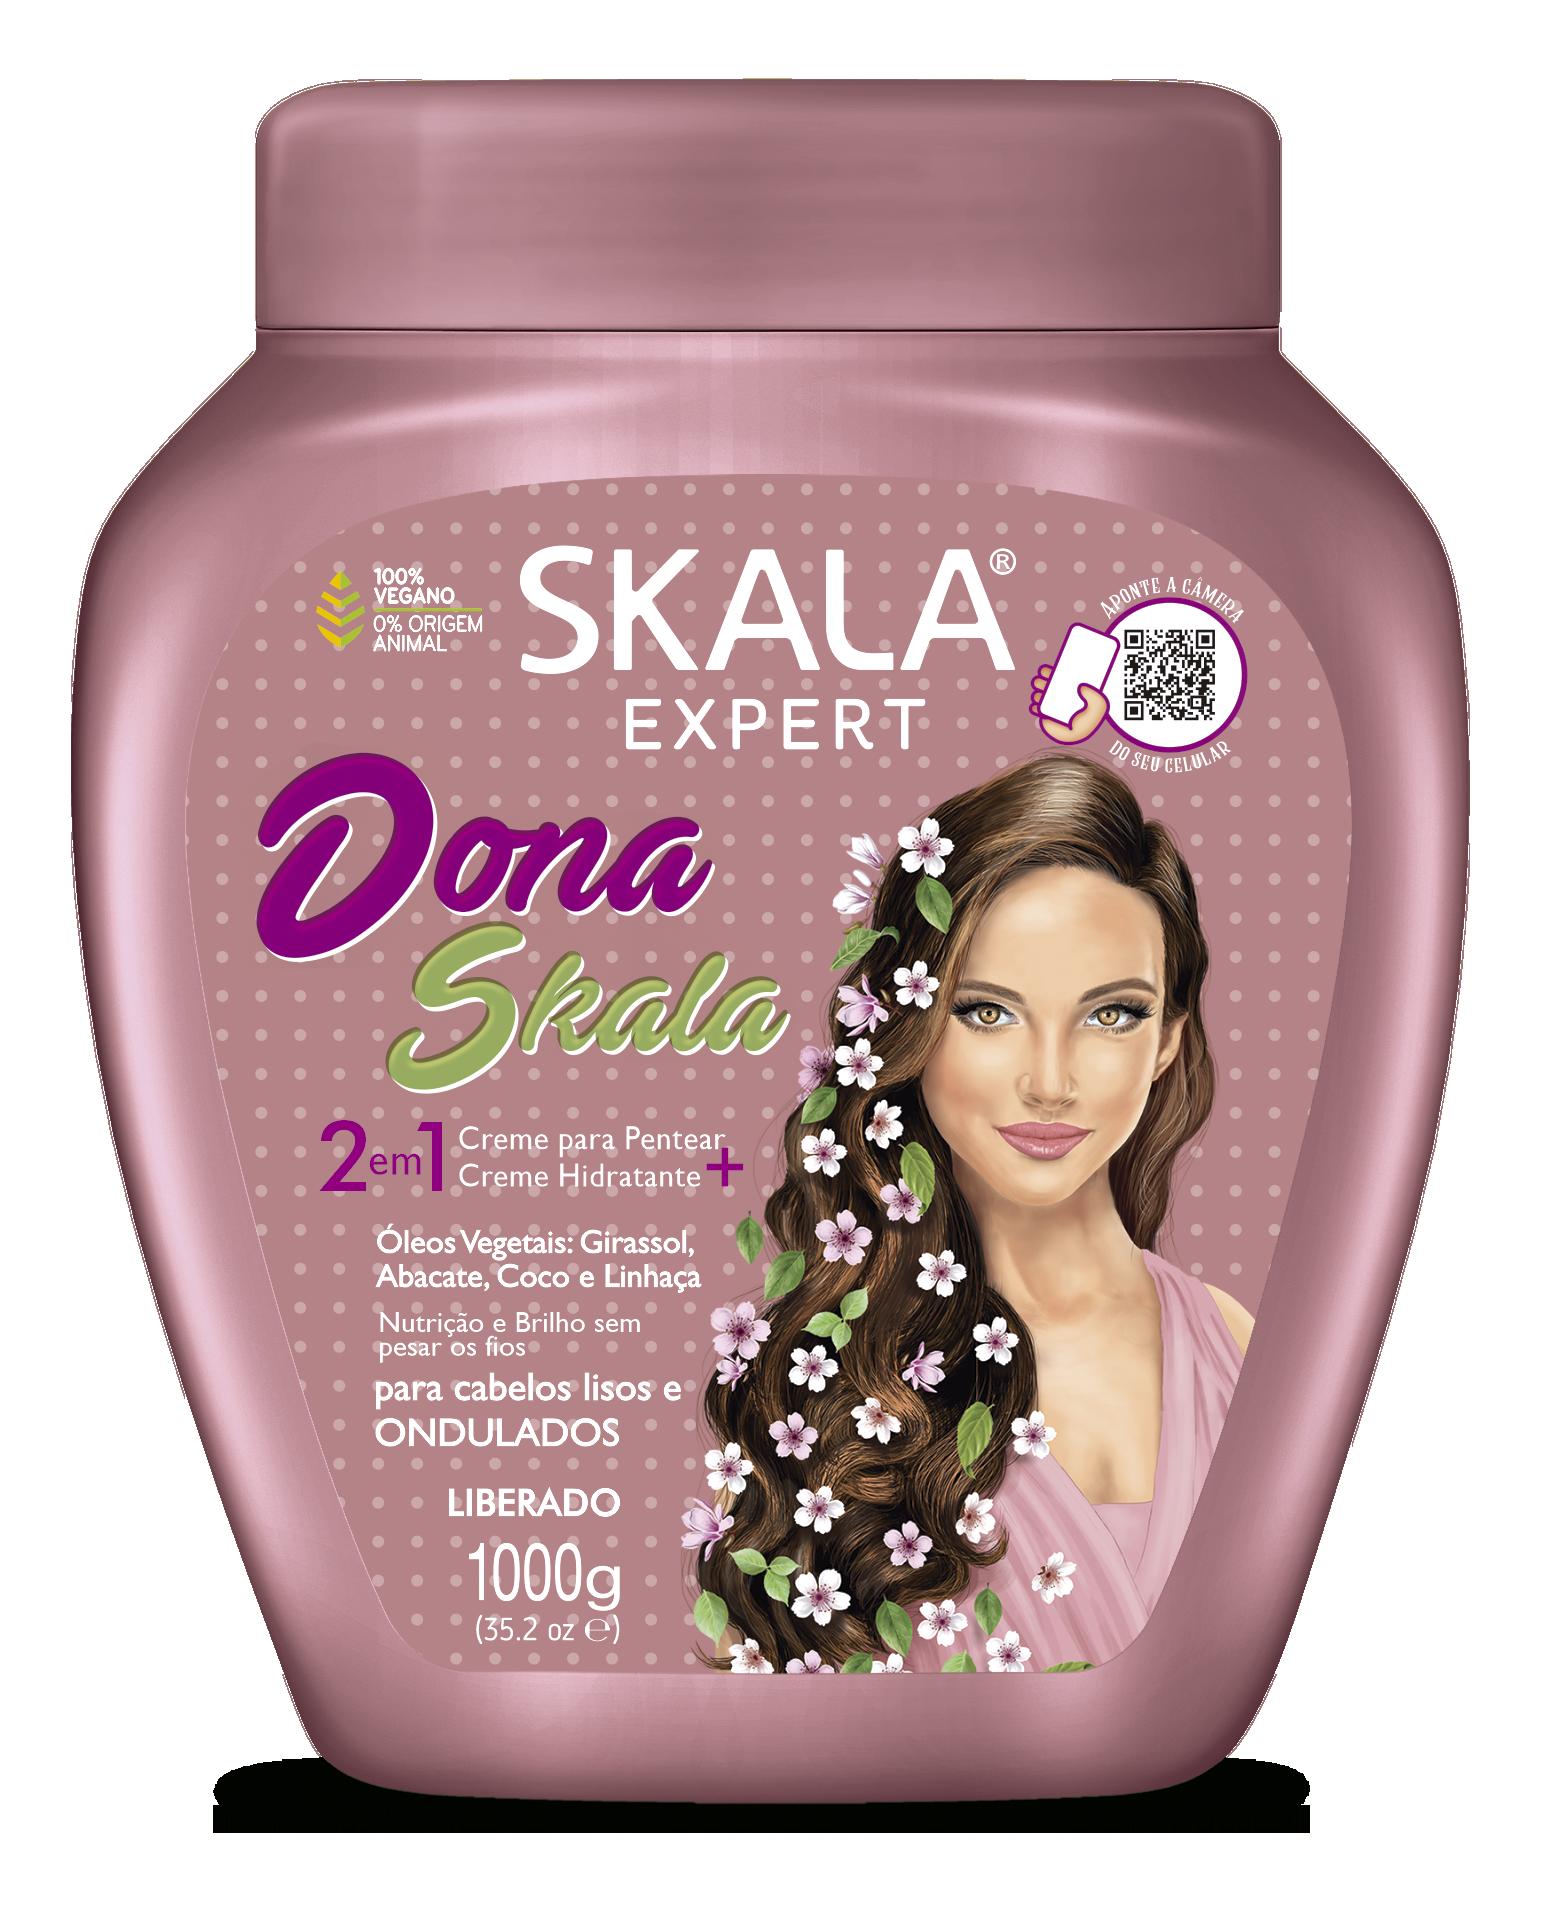 Dona Skala